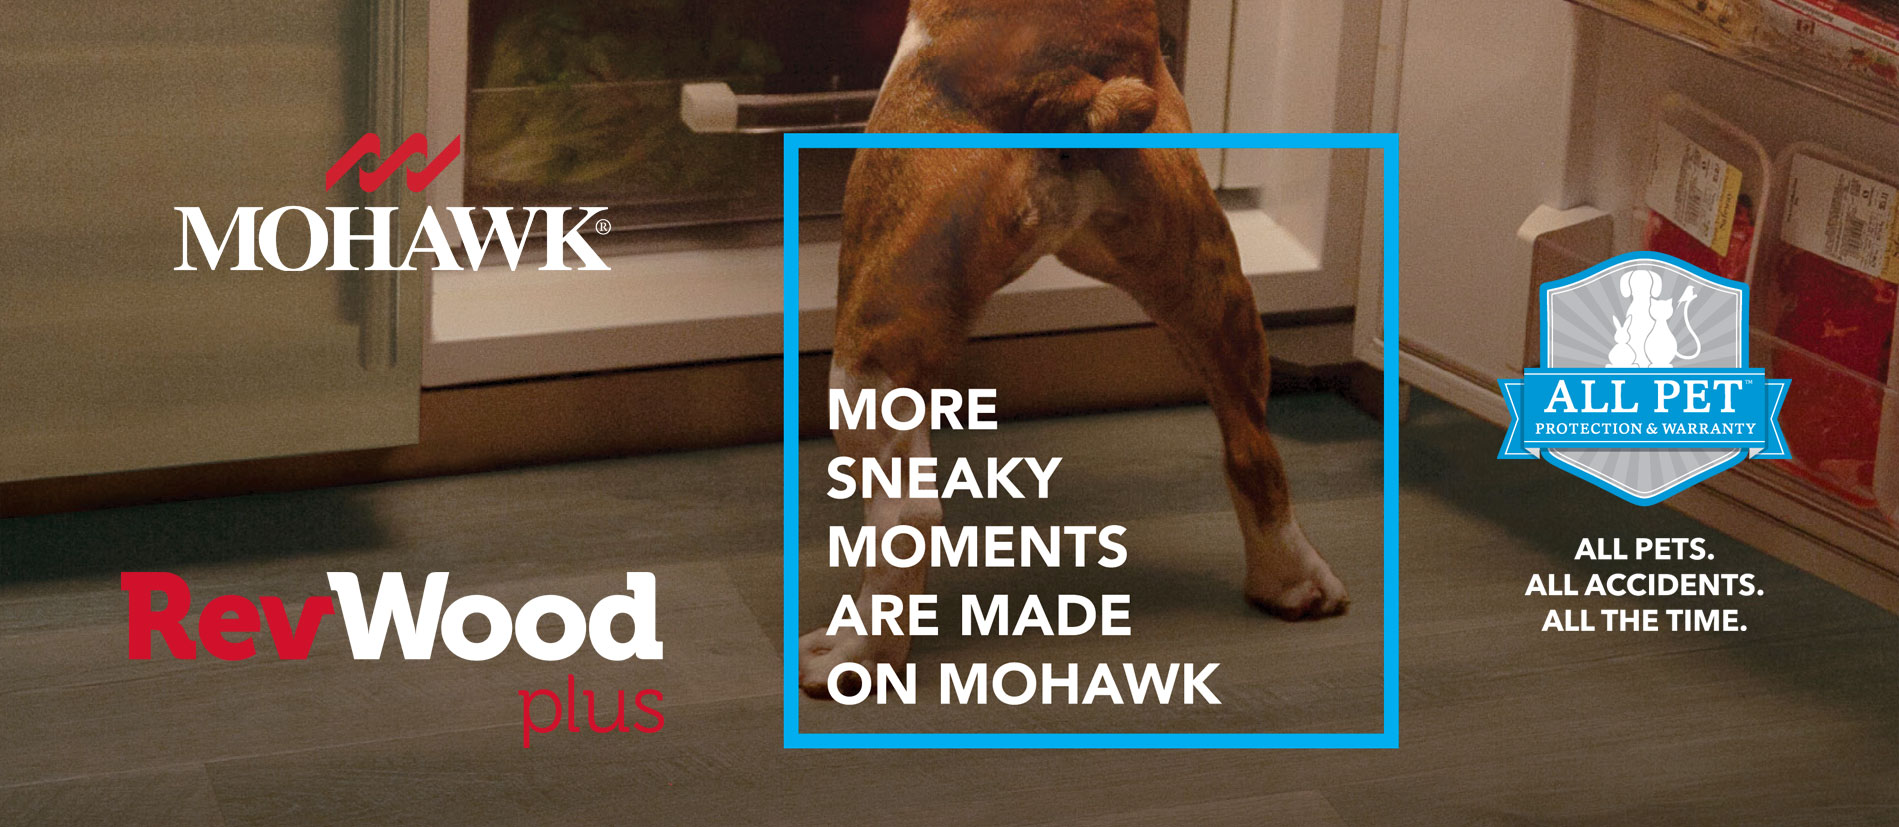 Revwood Plus Waterproof Flooring System